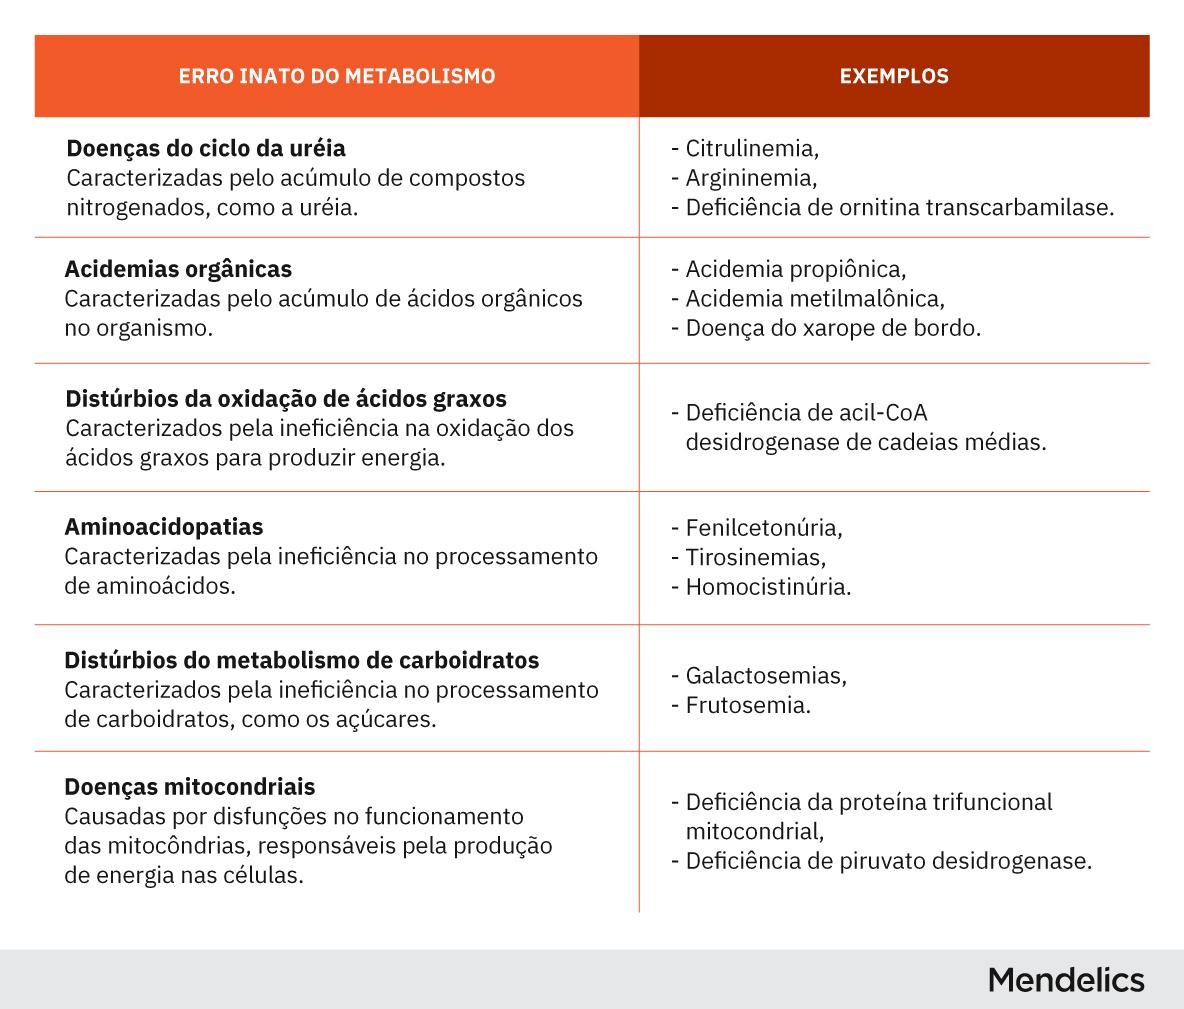 Quadro informativo listando os tipos de erros inatos do metabolismo e exemplos de doenças em cada grupo